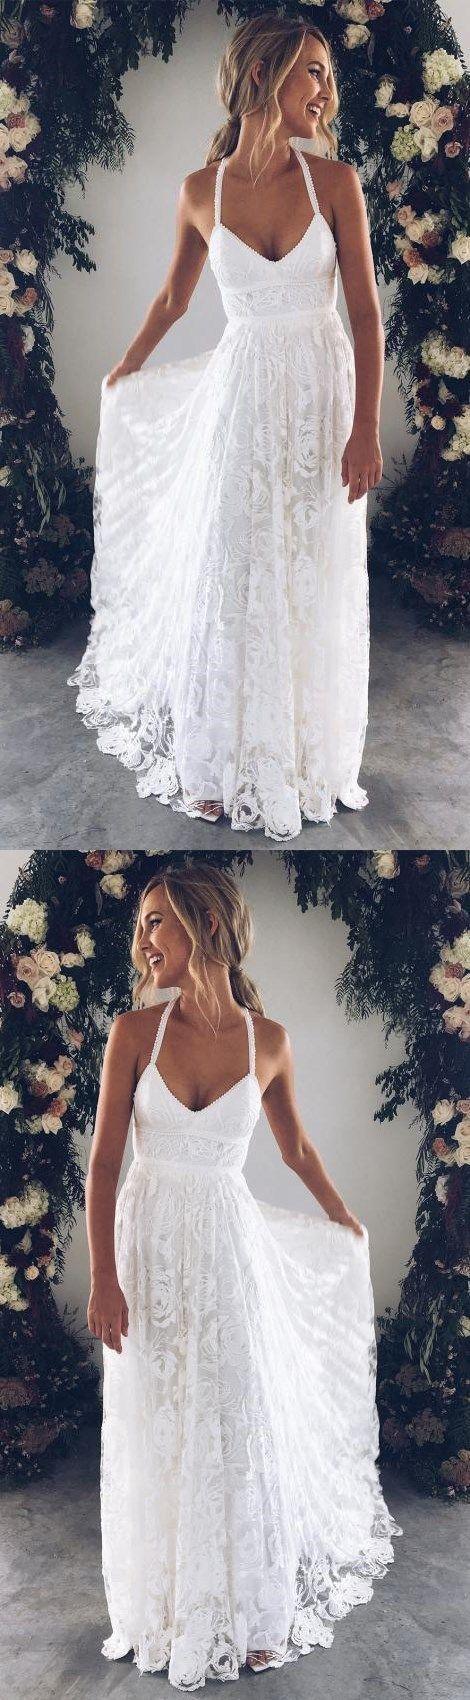 Weißes langes Kleid mit V-Ausschnitt, weißes Abendkleid … - Hochzeit ideen #promdresseslong